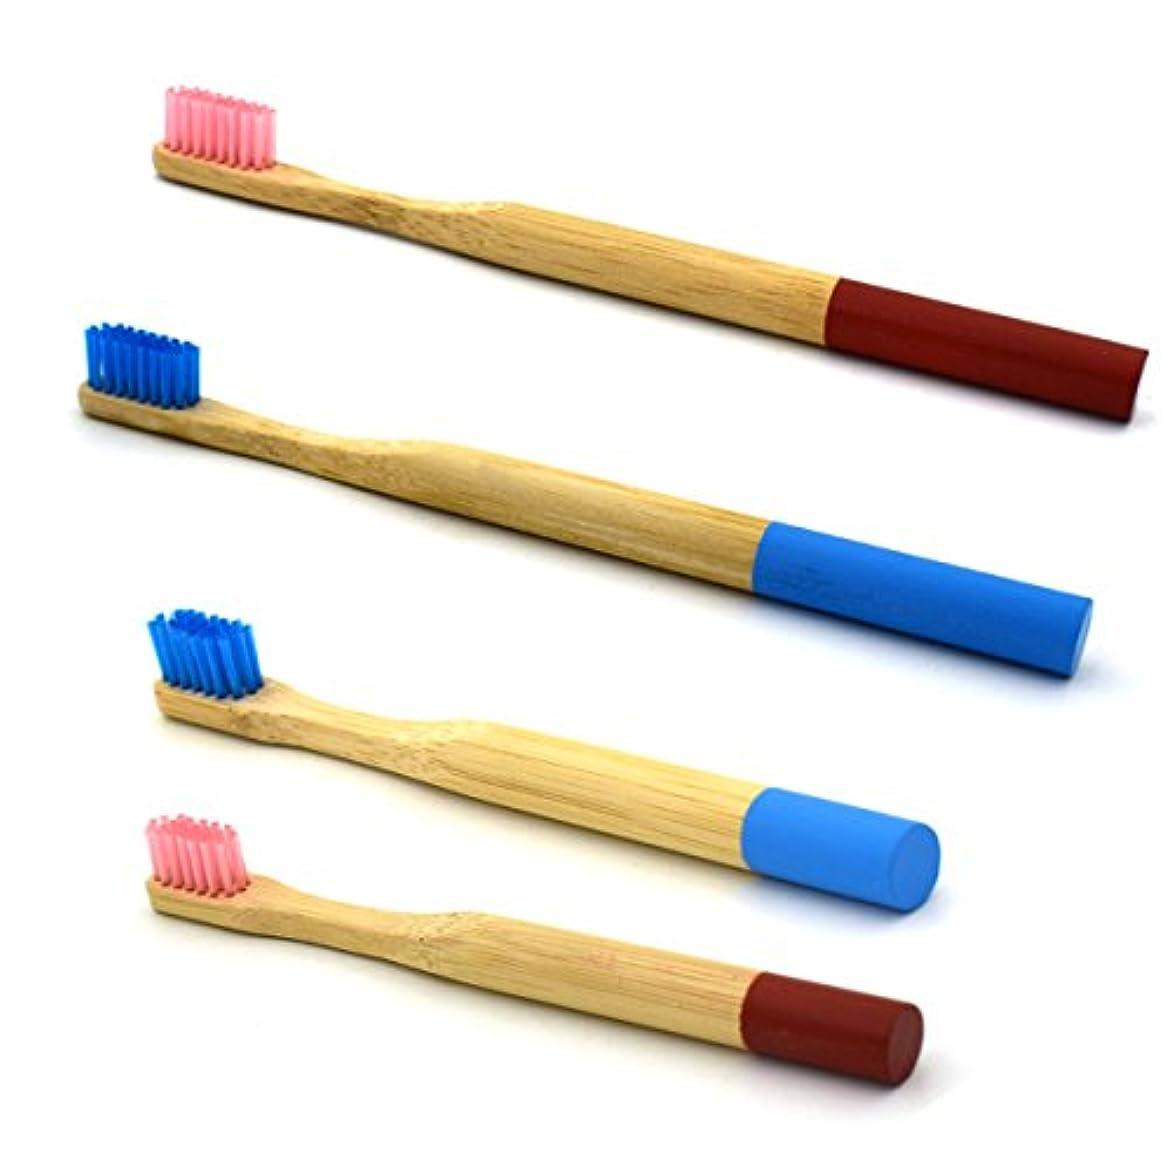 アミューズメント示す錆びHEALLILY ラウンドハンドルエコフレンドリーソフト剛毛歯ブラシ(ブルーとピンク) - 大人と子供と4個の天然竹製の歯ブラシ